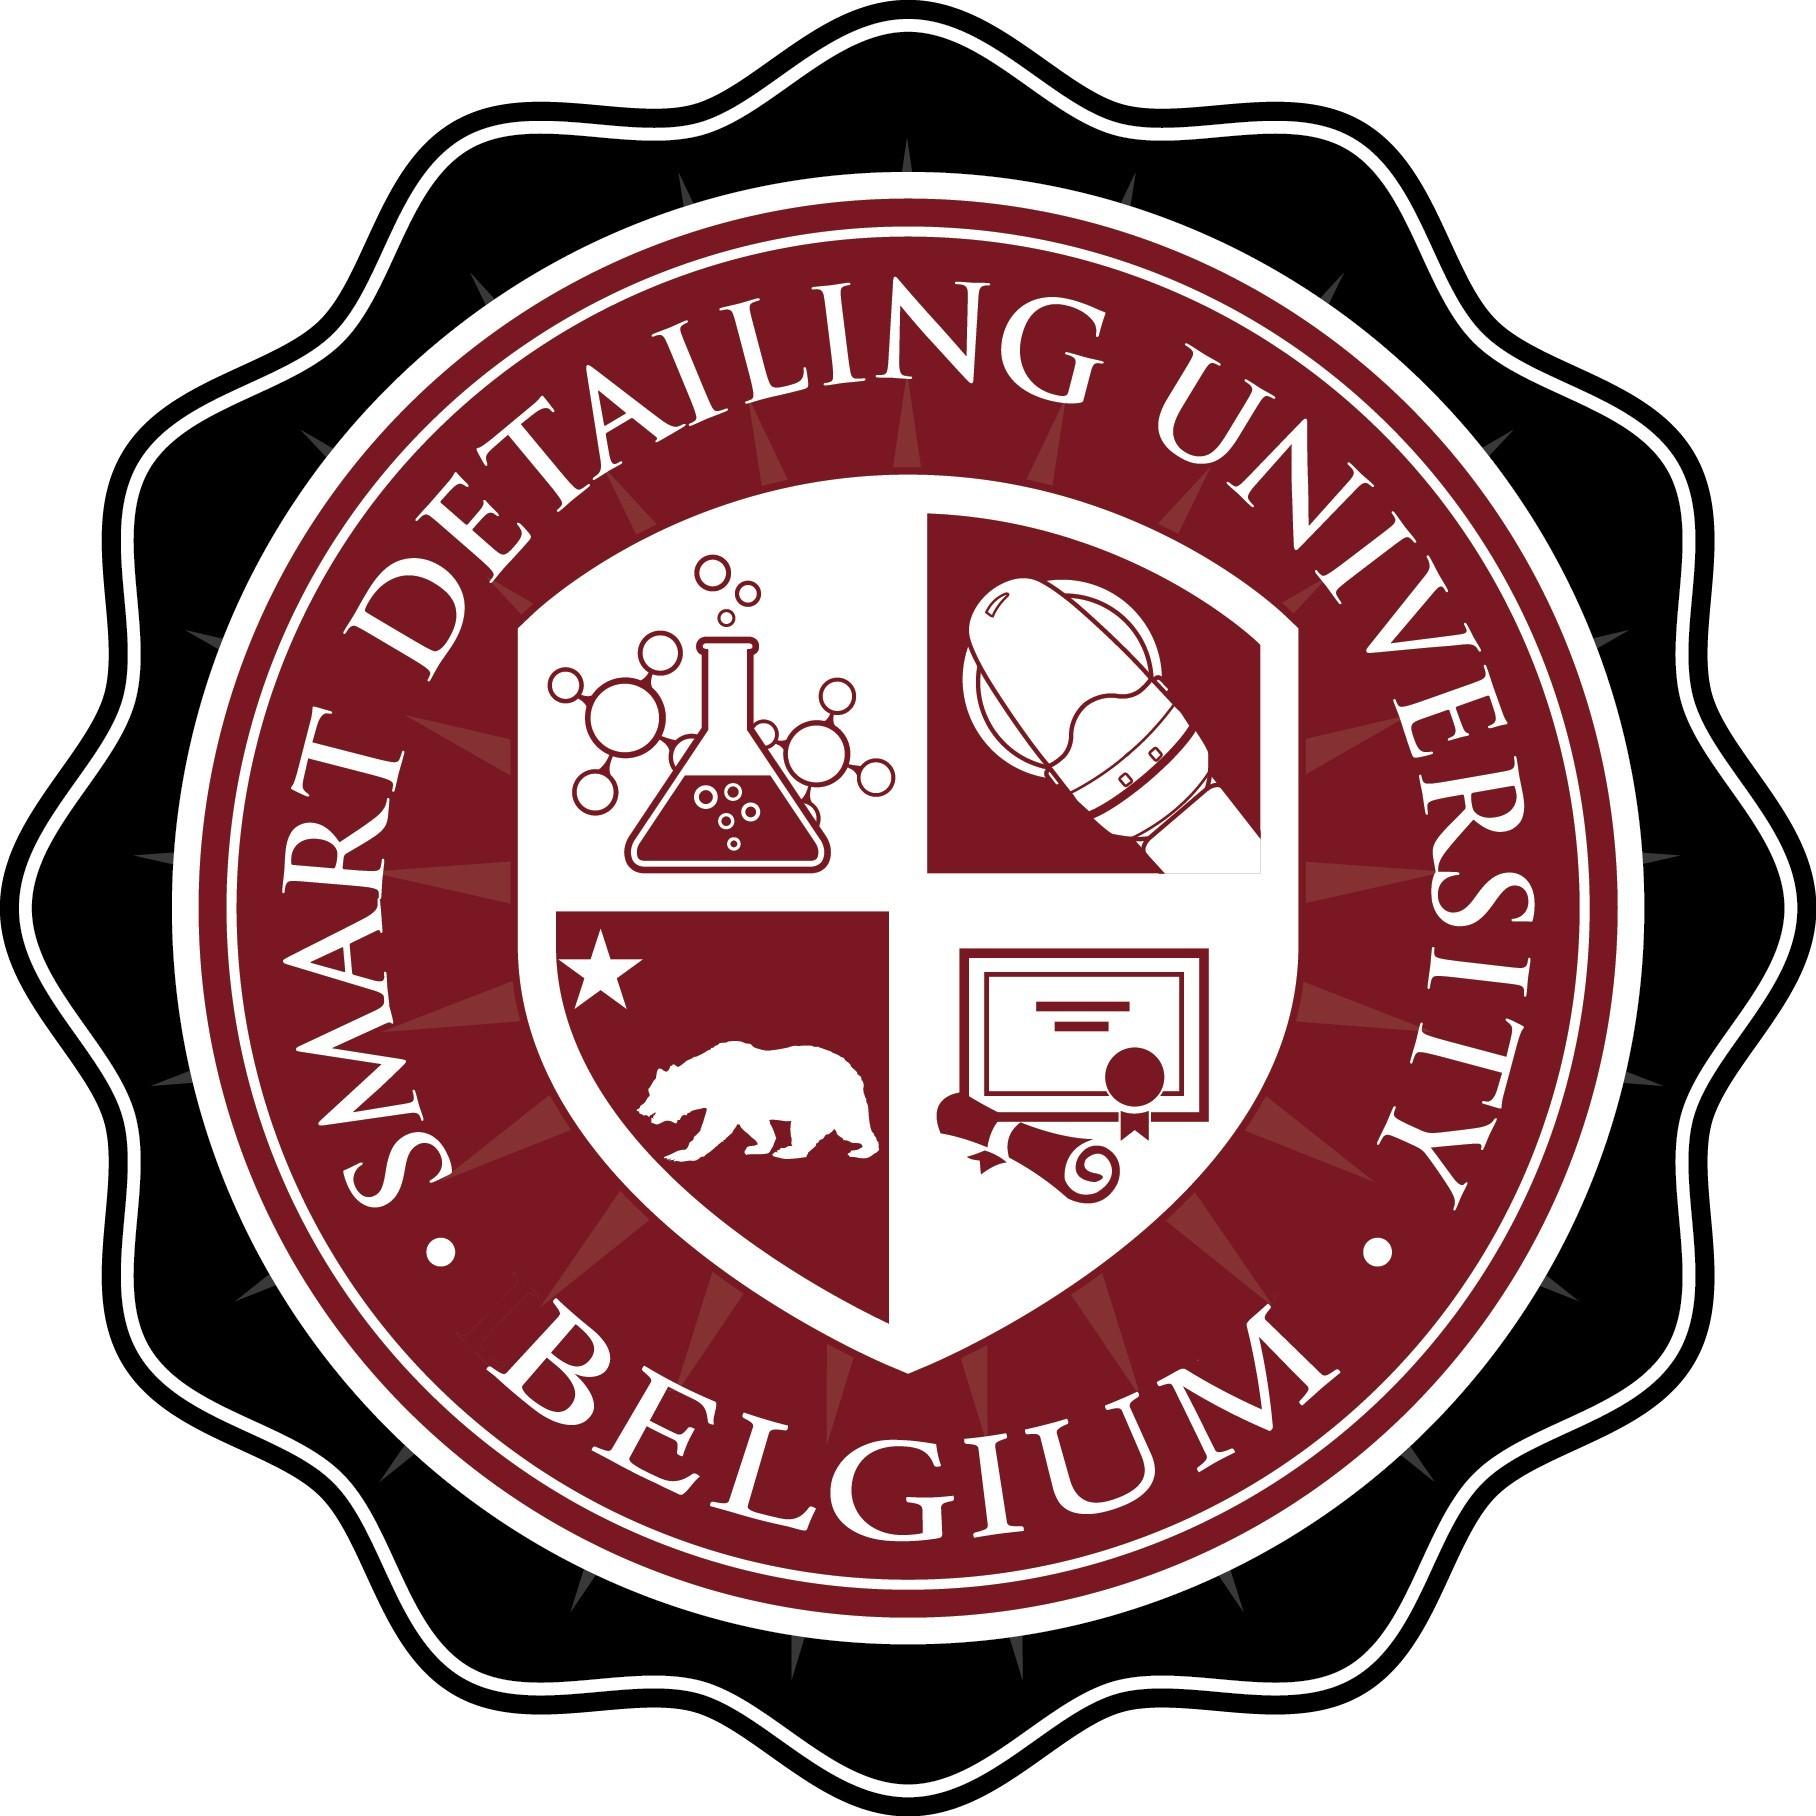 CG BELGIUM SDU - DETAILING ESSENTIALS - 08-06-2019